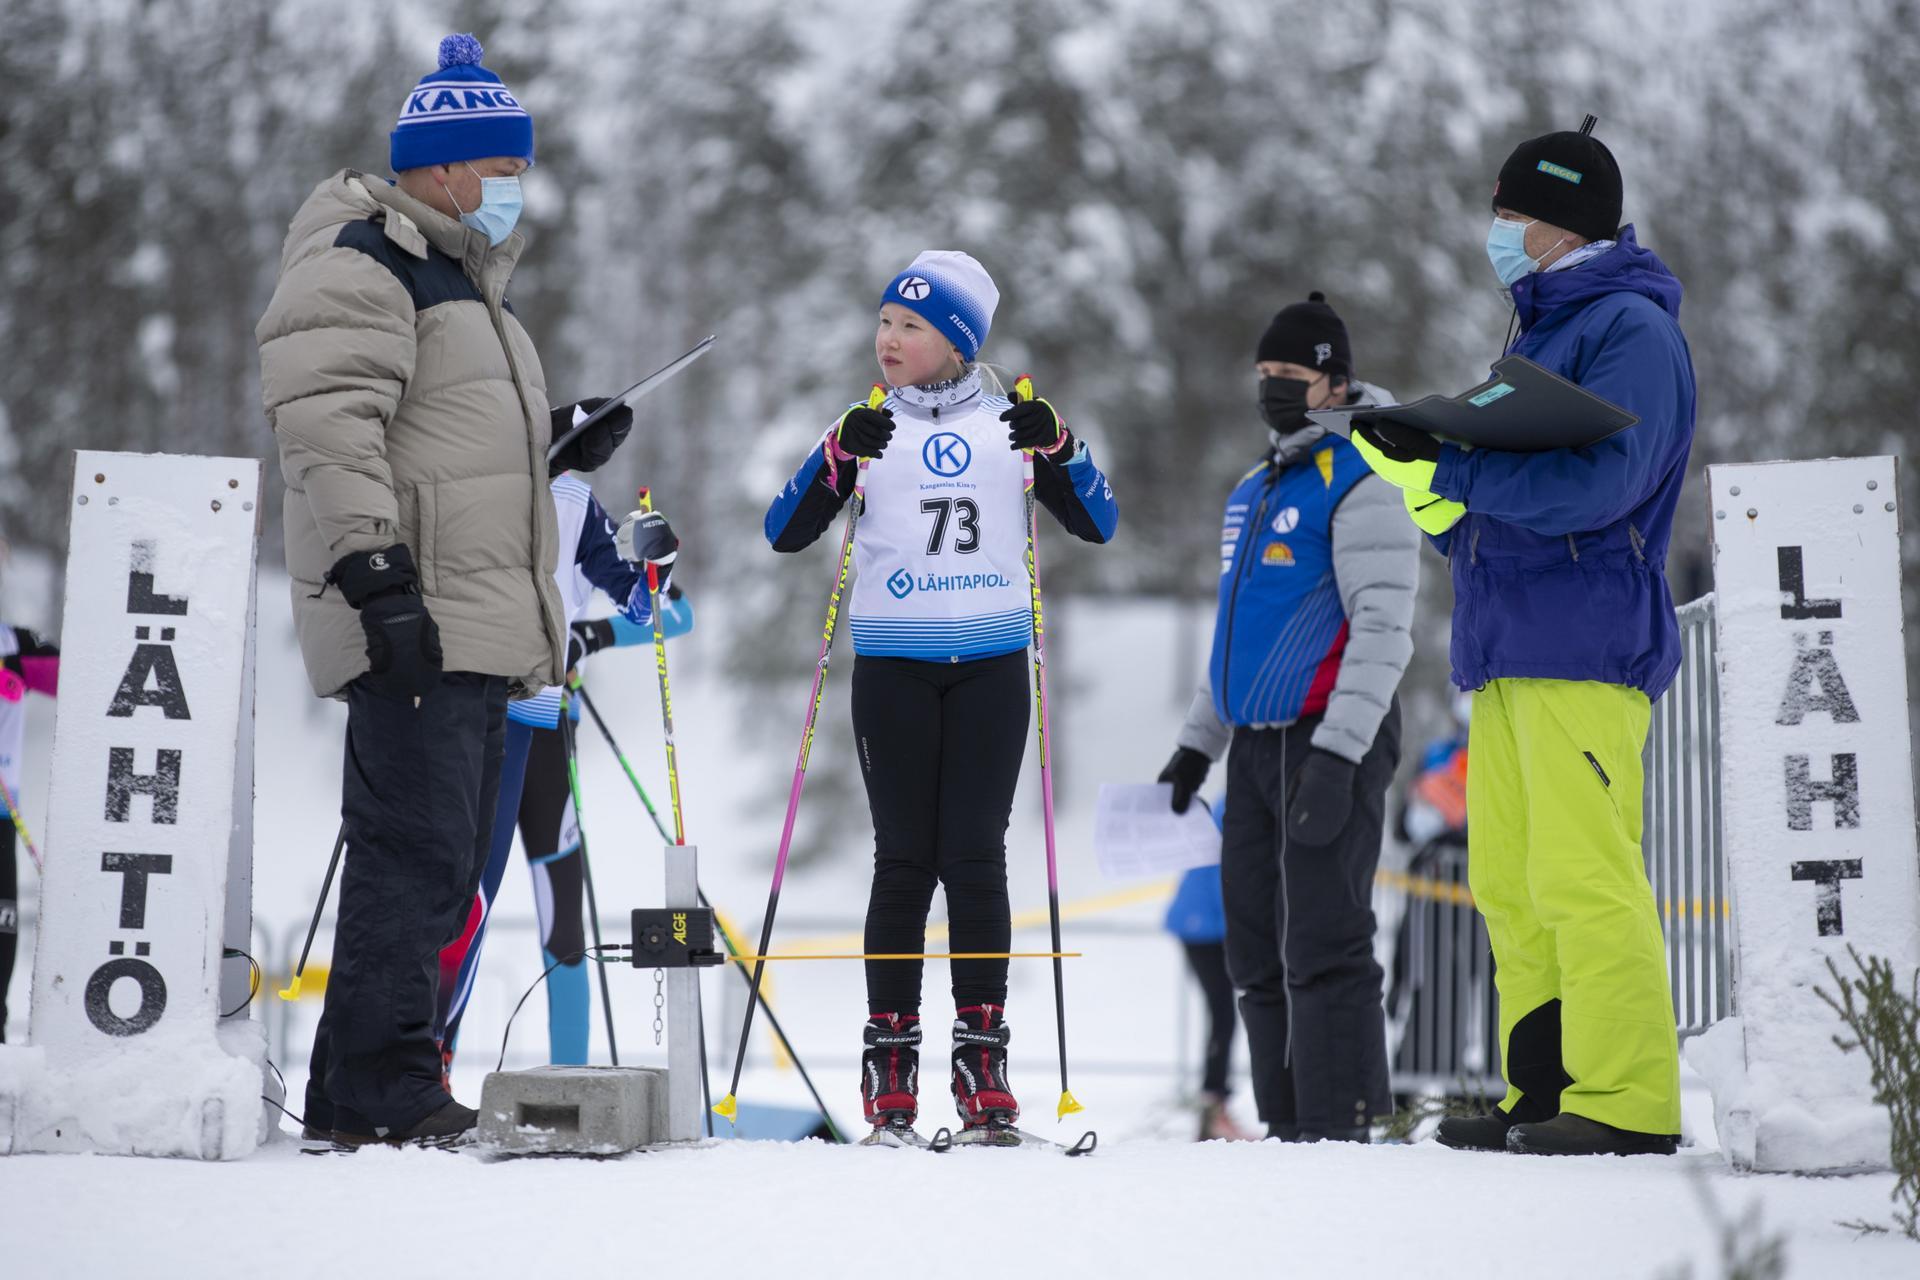 Hiihtäjät saivat nauttia erinomaisesta lumitilanteesta. Kuva: Ilmari Verho